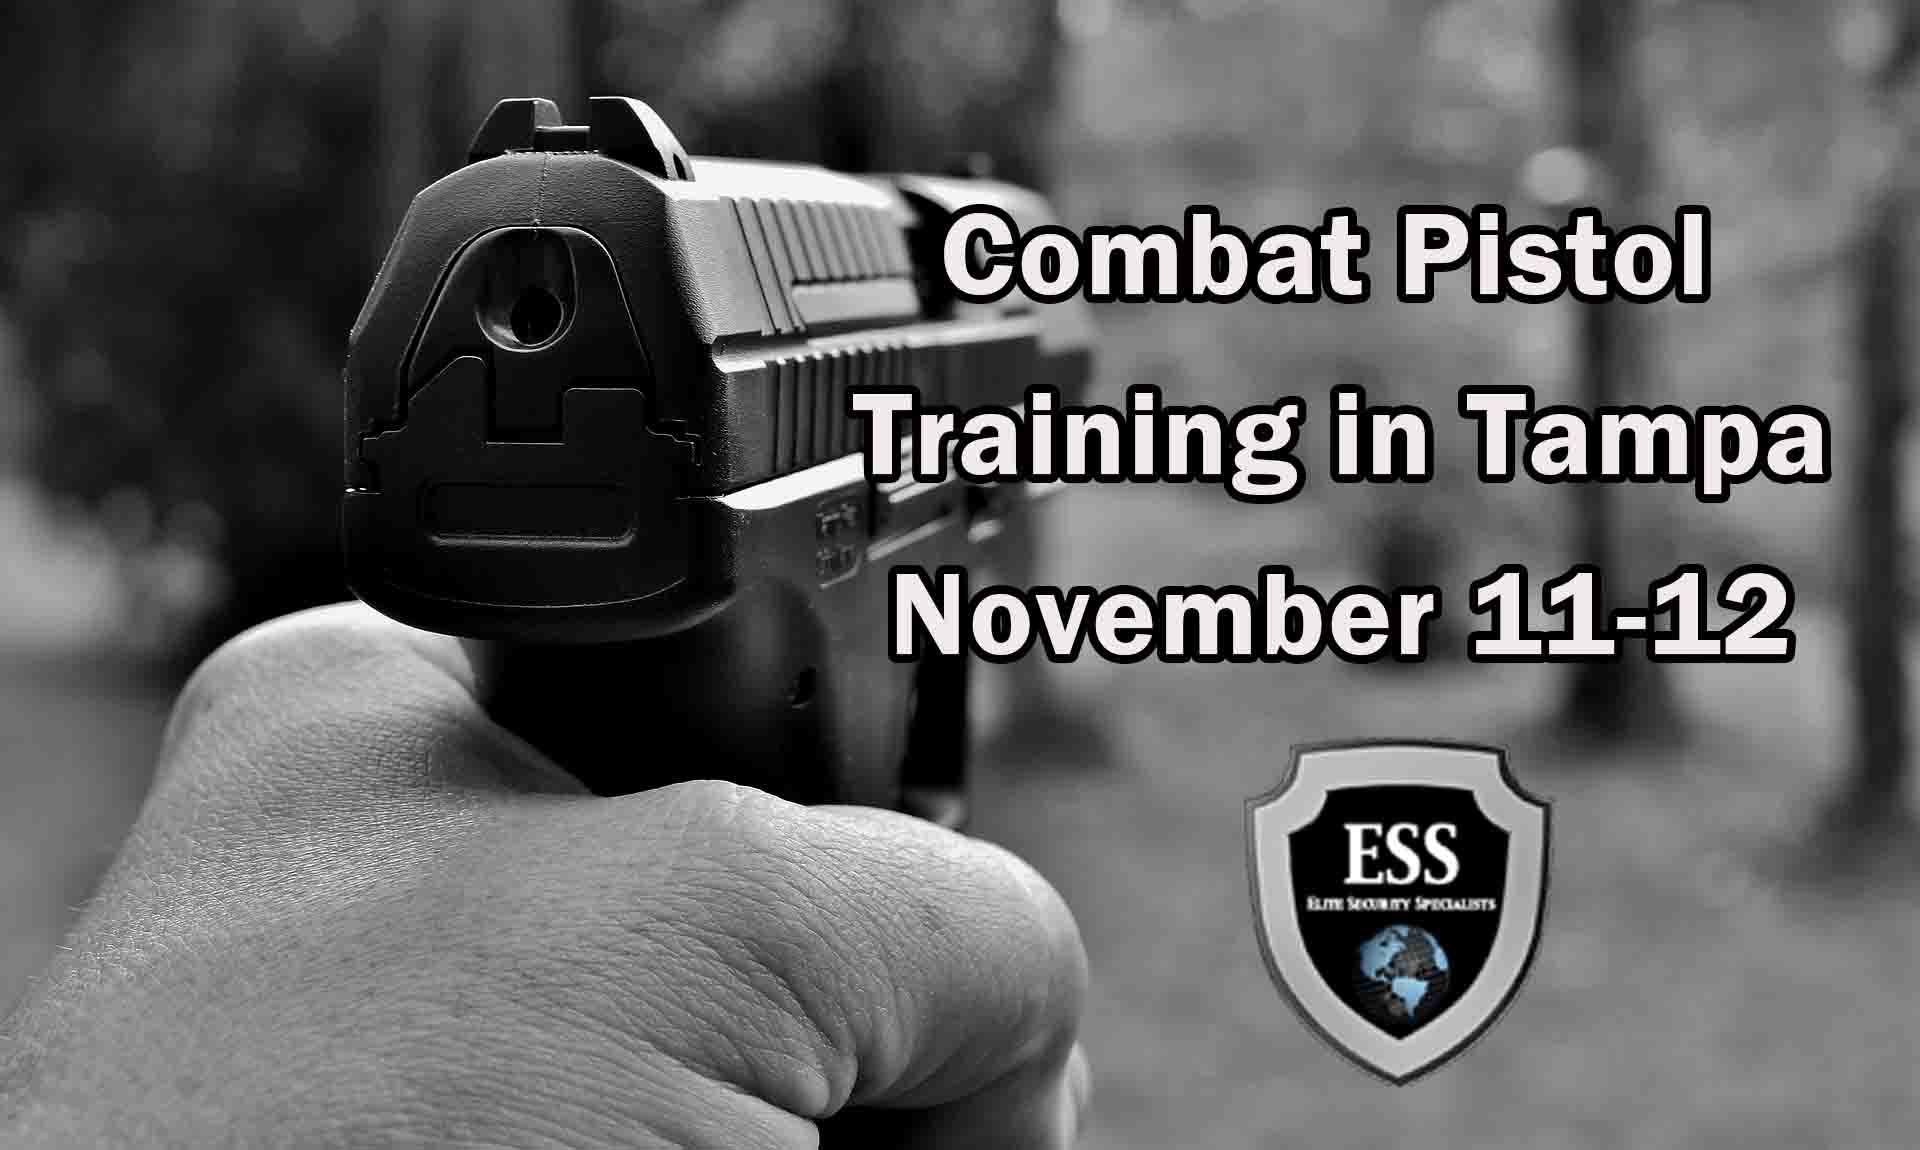 Combat Pistol Training in Tampa 1 NOV